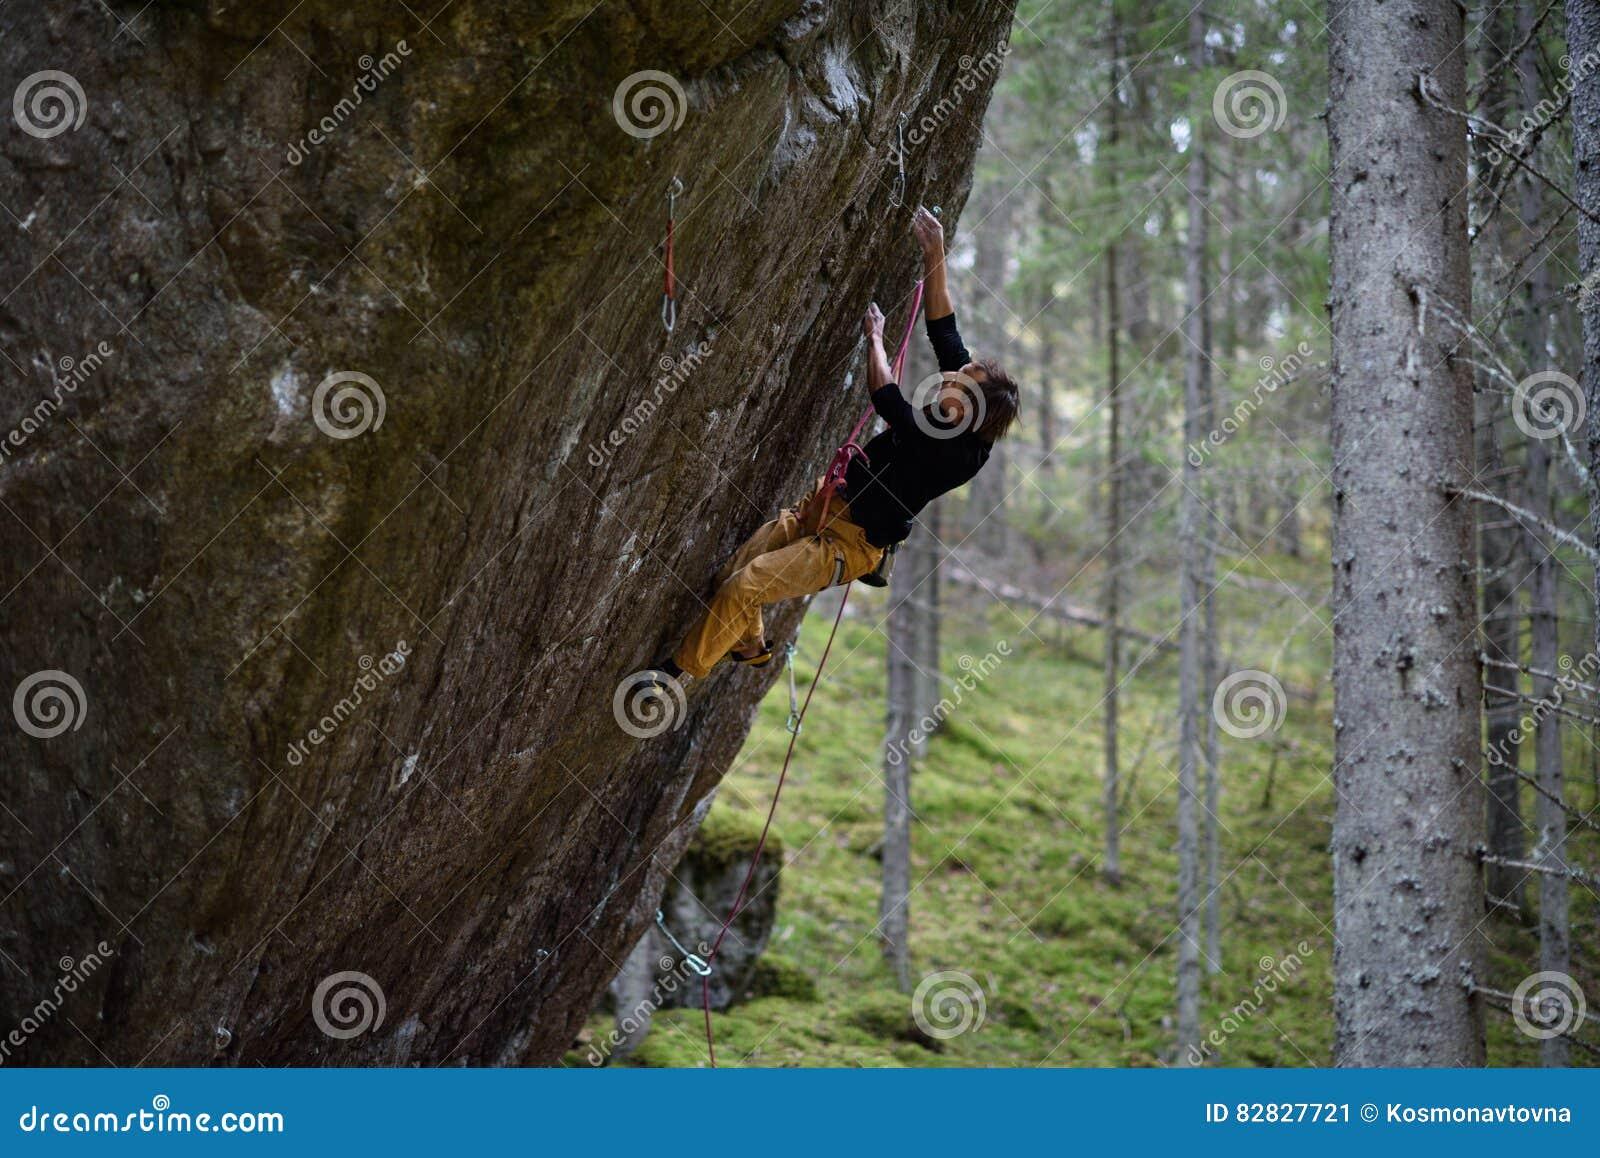 Grimpeur de roche sur une montée provocante S élever extrême Sports d hiver uniques Nature scandinave